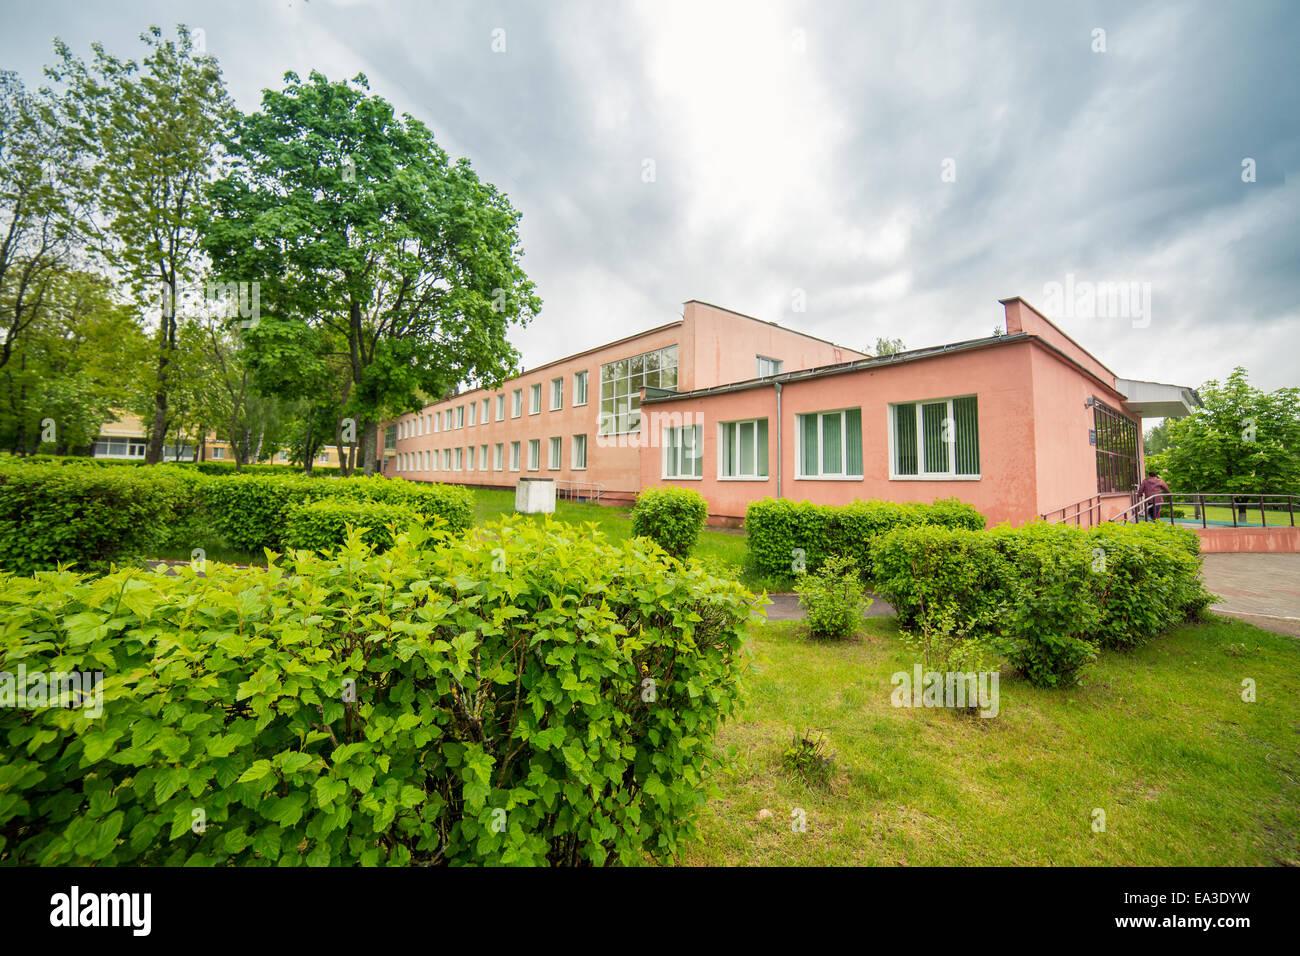 Hotel building, Minsk region, Belarus Stock Photo